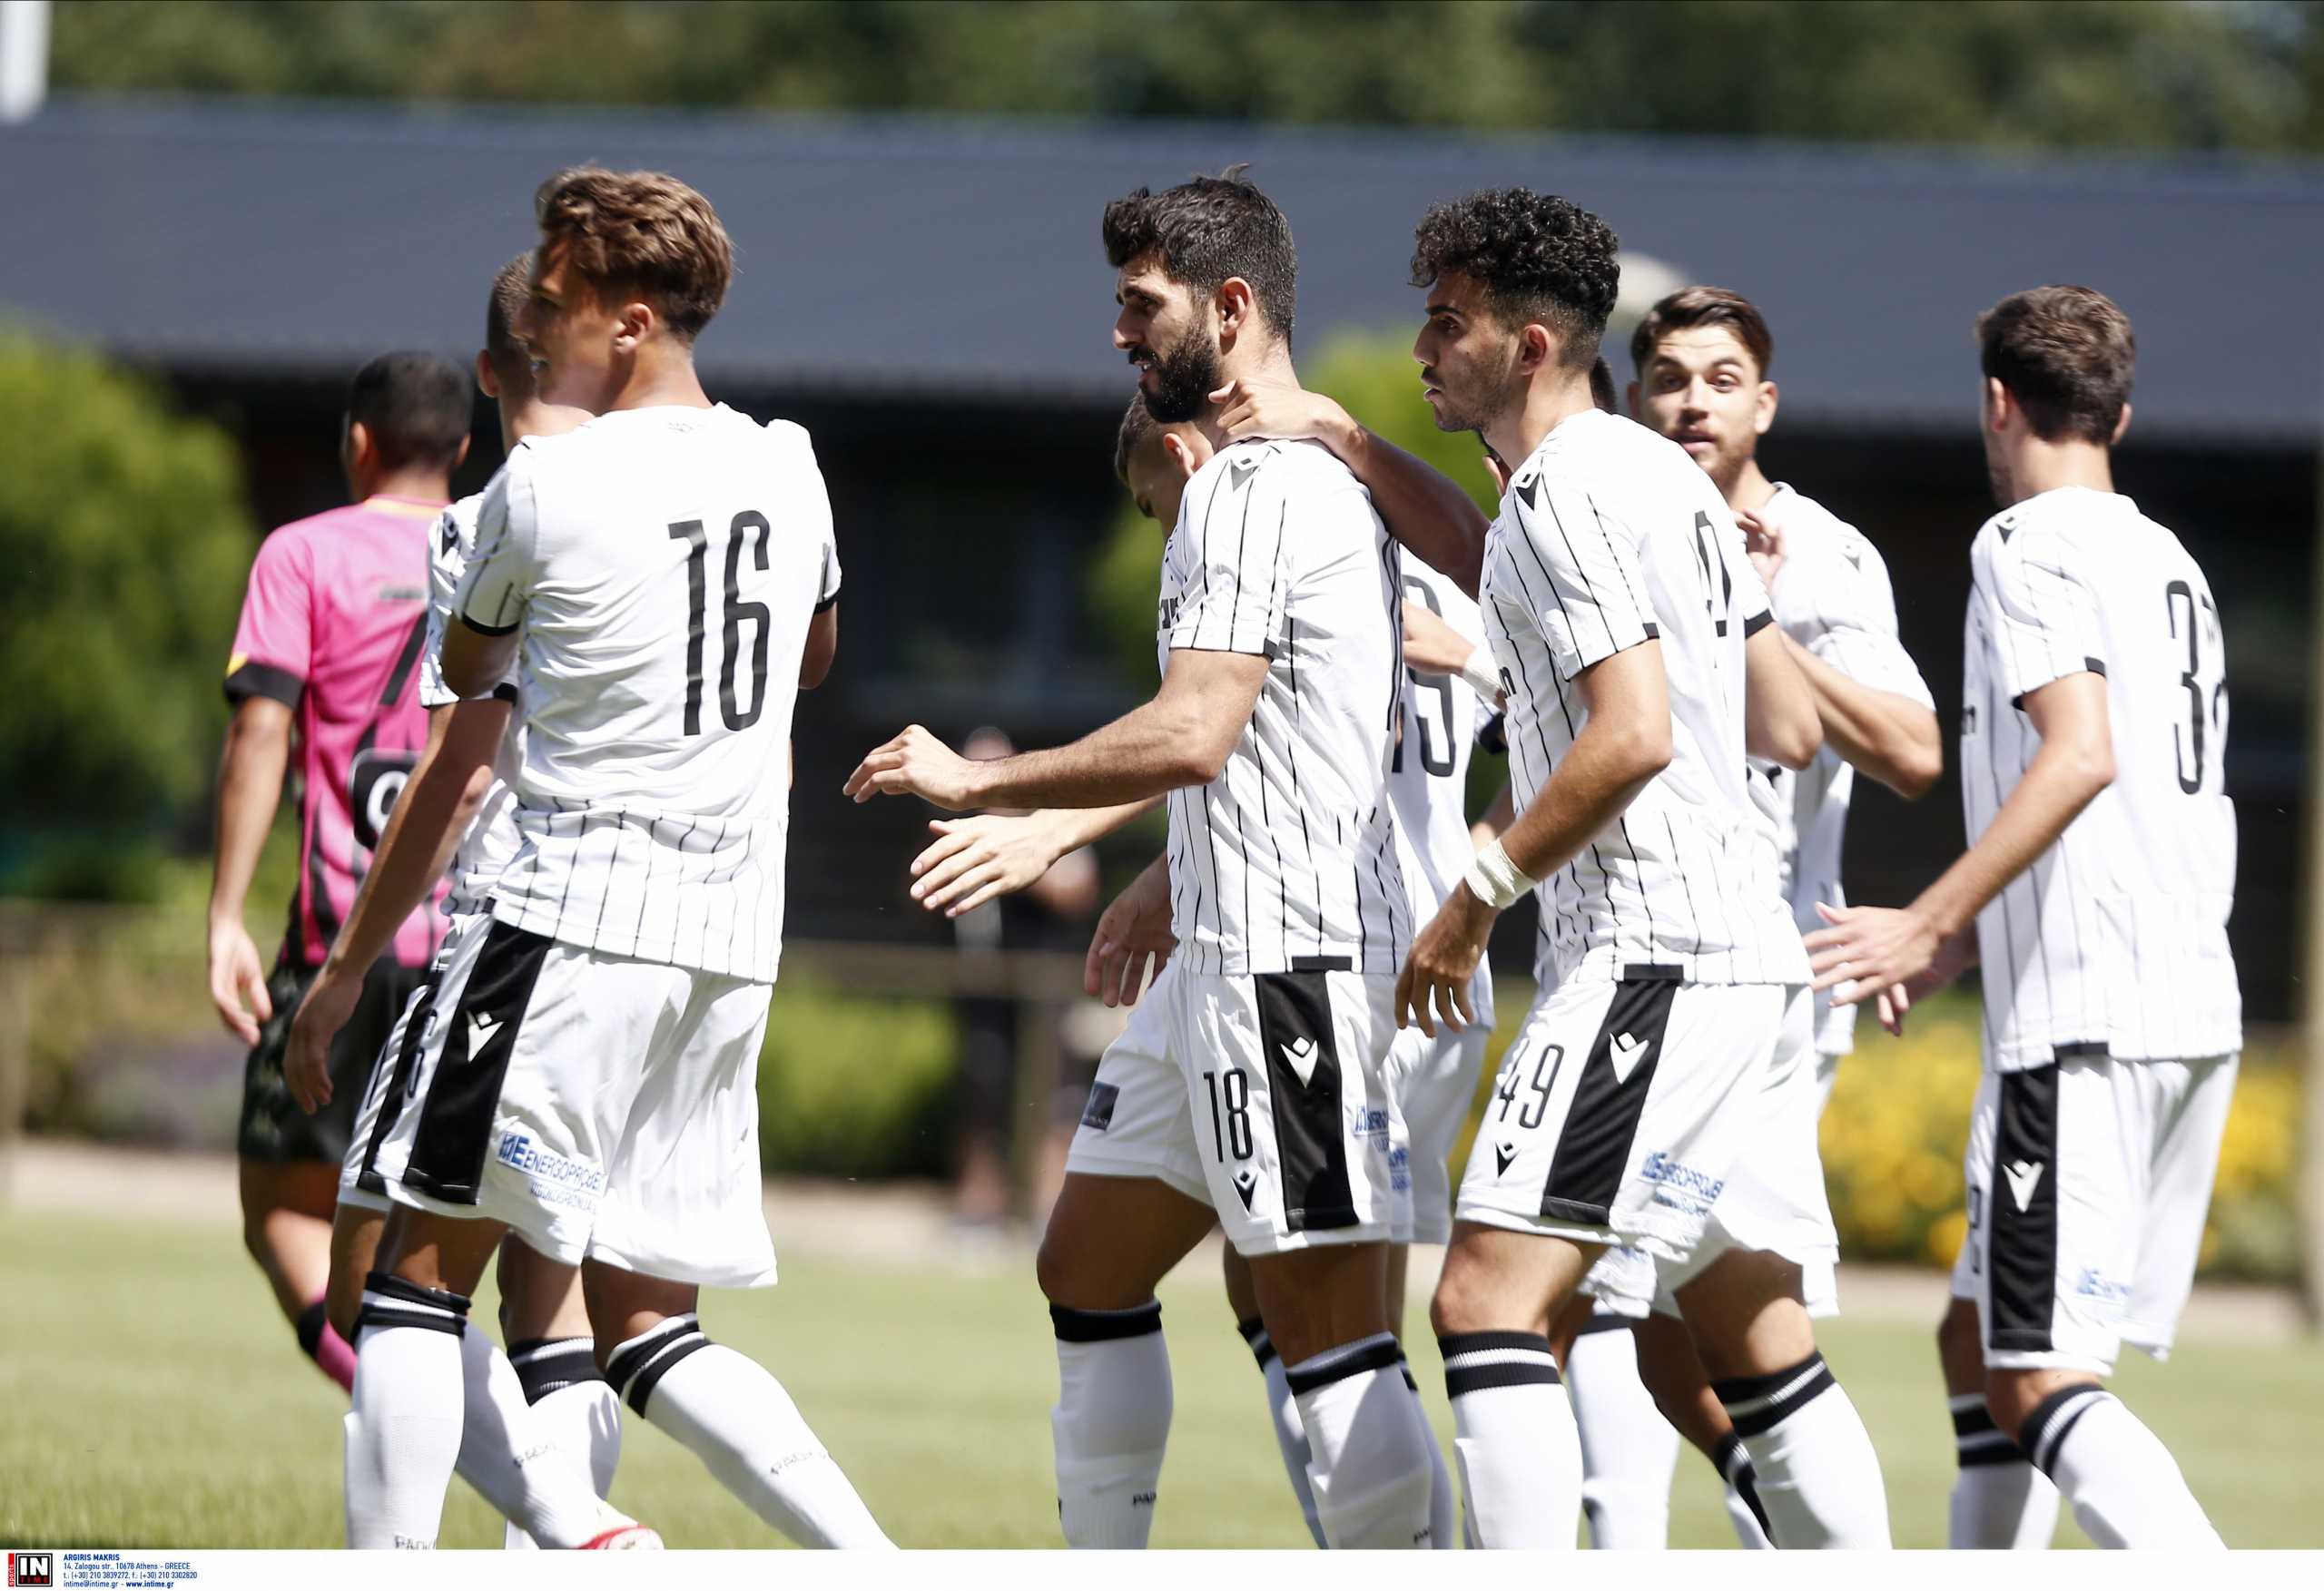 Σαρλερουά – ΠΑΟΚ 0-2: Νίκη με Ολιβέιρα